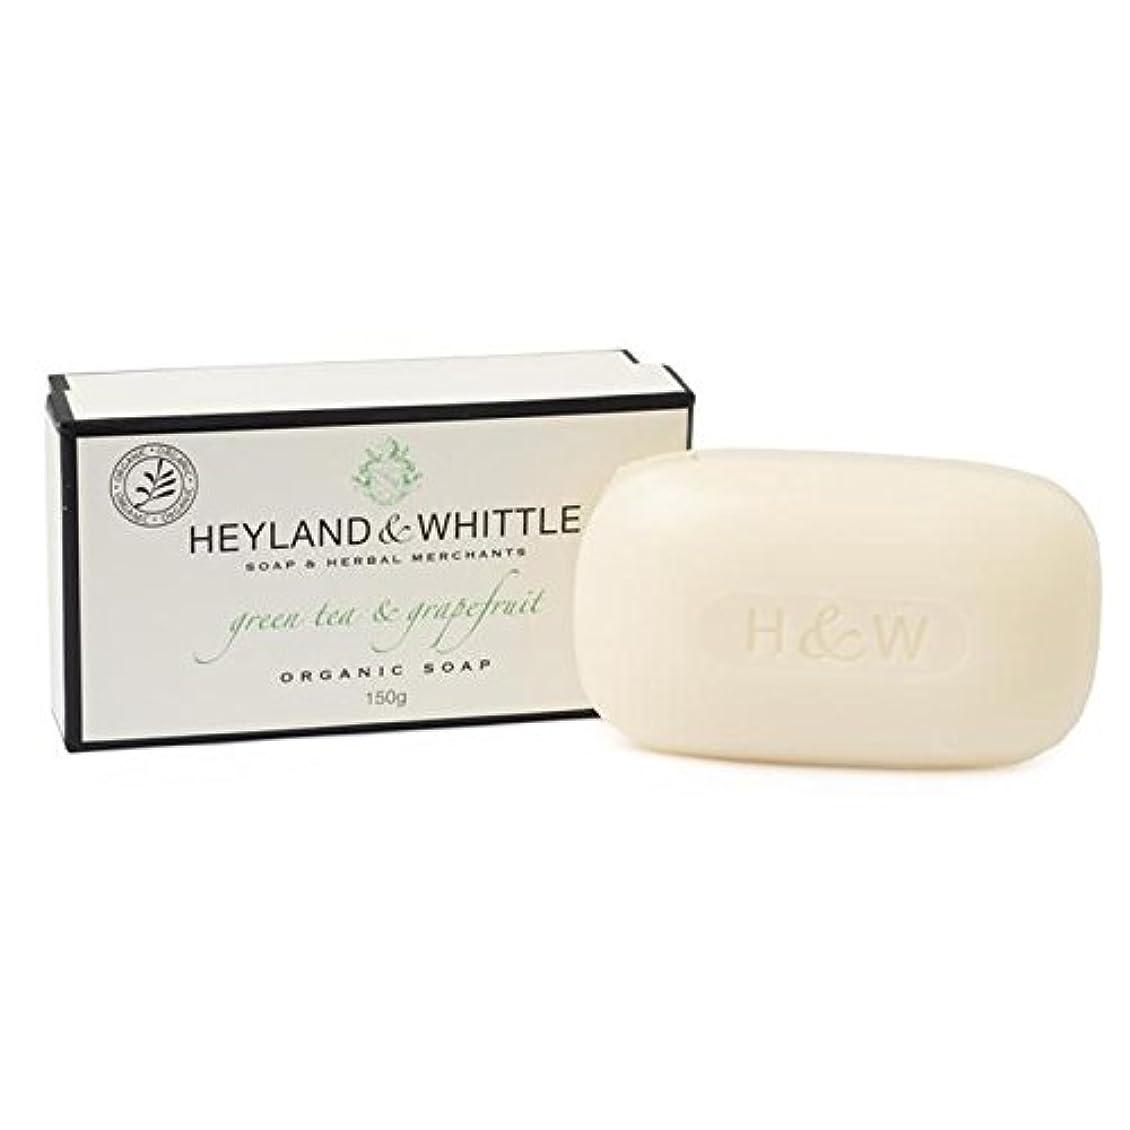 柔和スタック中にHeyland & Whittle Green Tea & Grapefruit Boxed Organic Soap 150g - &削る緑茶&グレープフルーツはオーガニックソープ150グラム箱入り [並行輸入品]